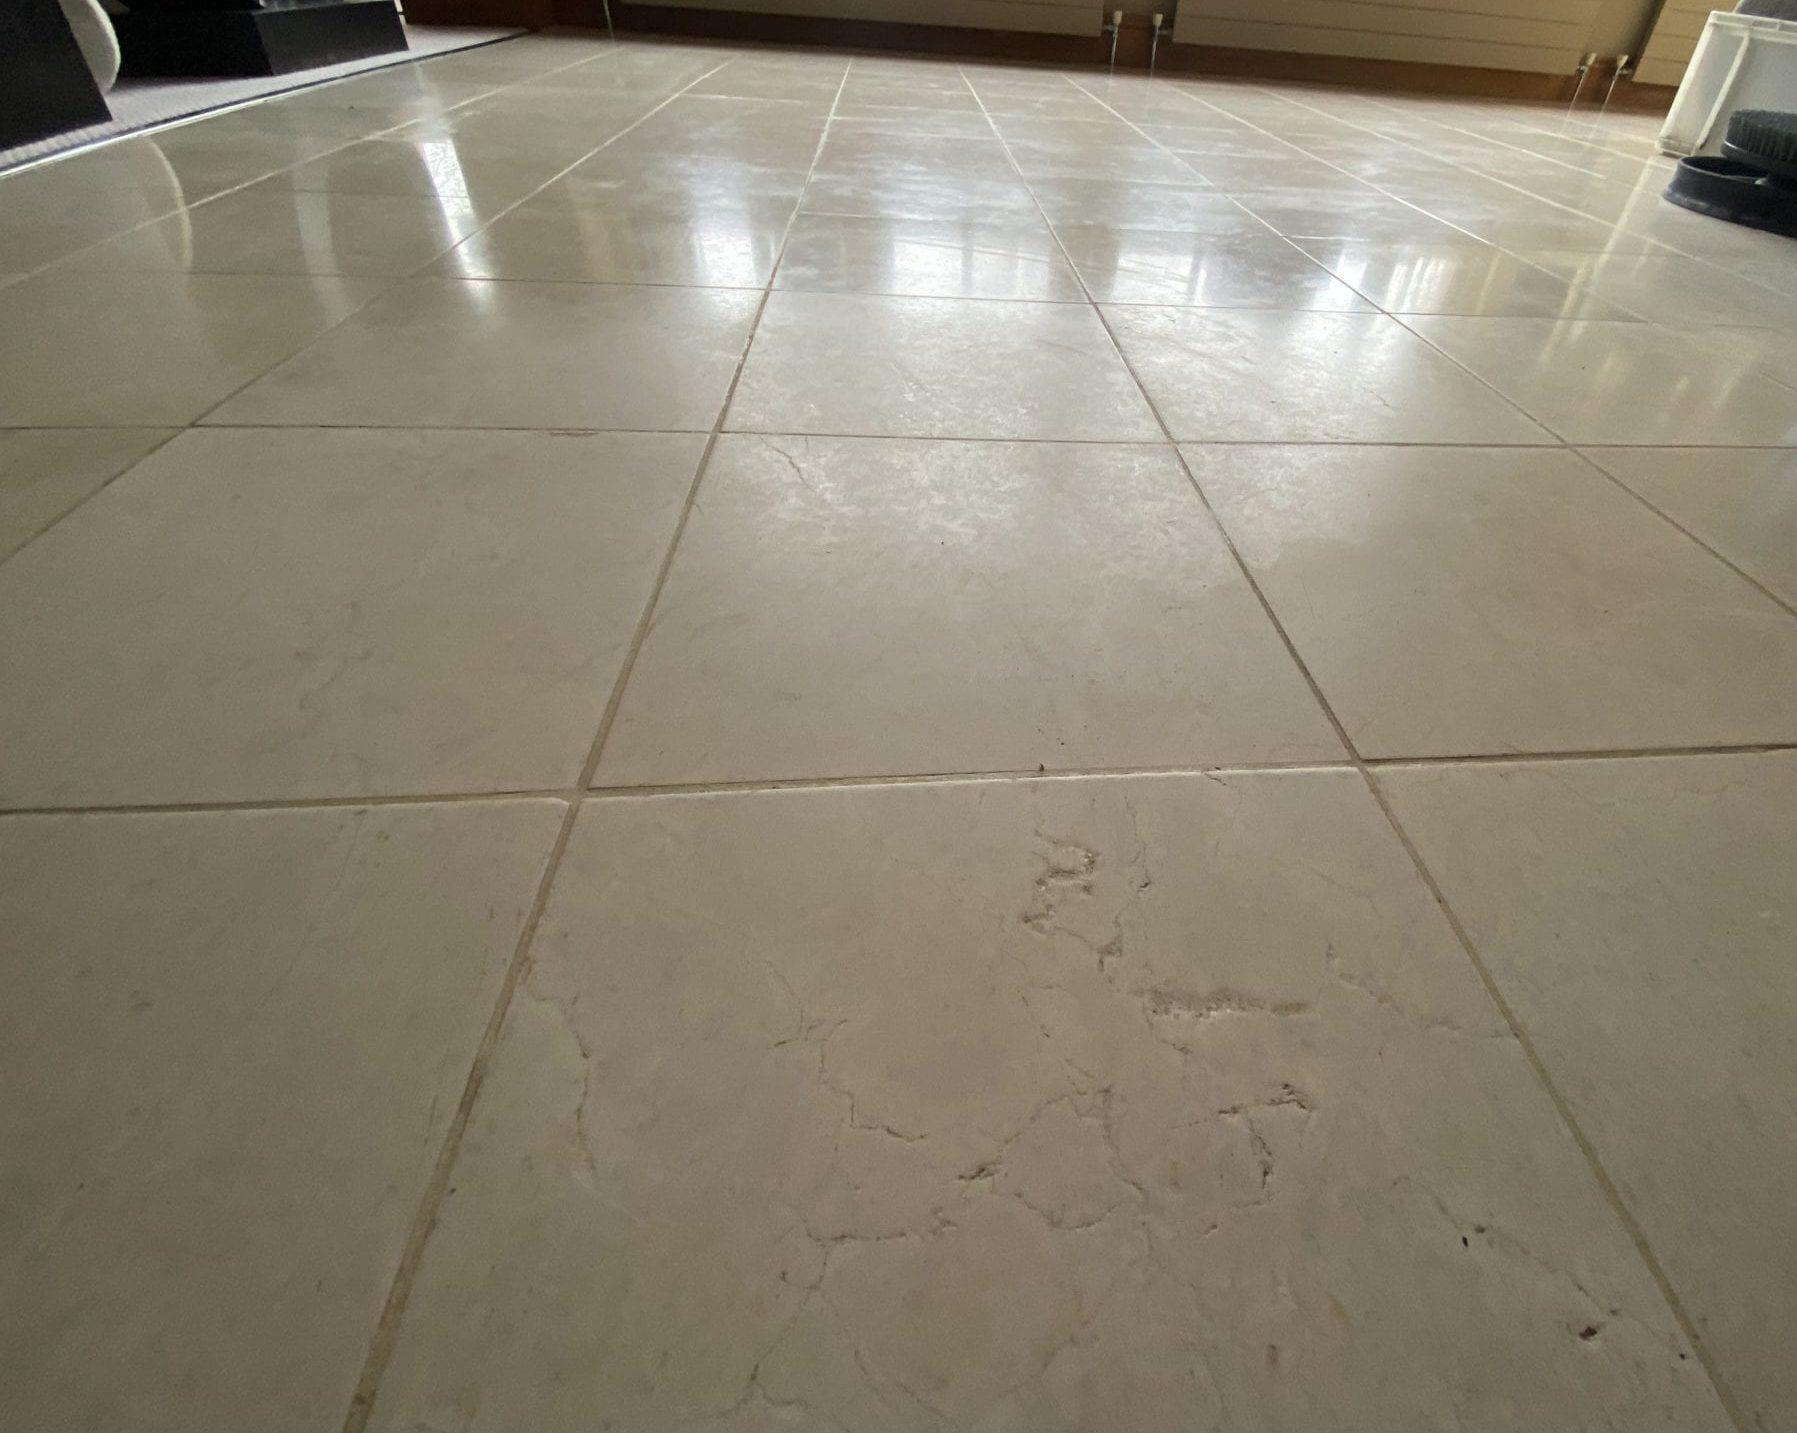 Polishing marble floors